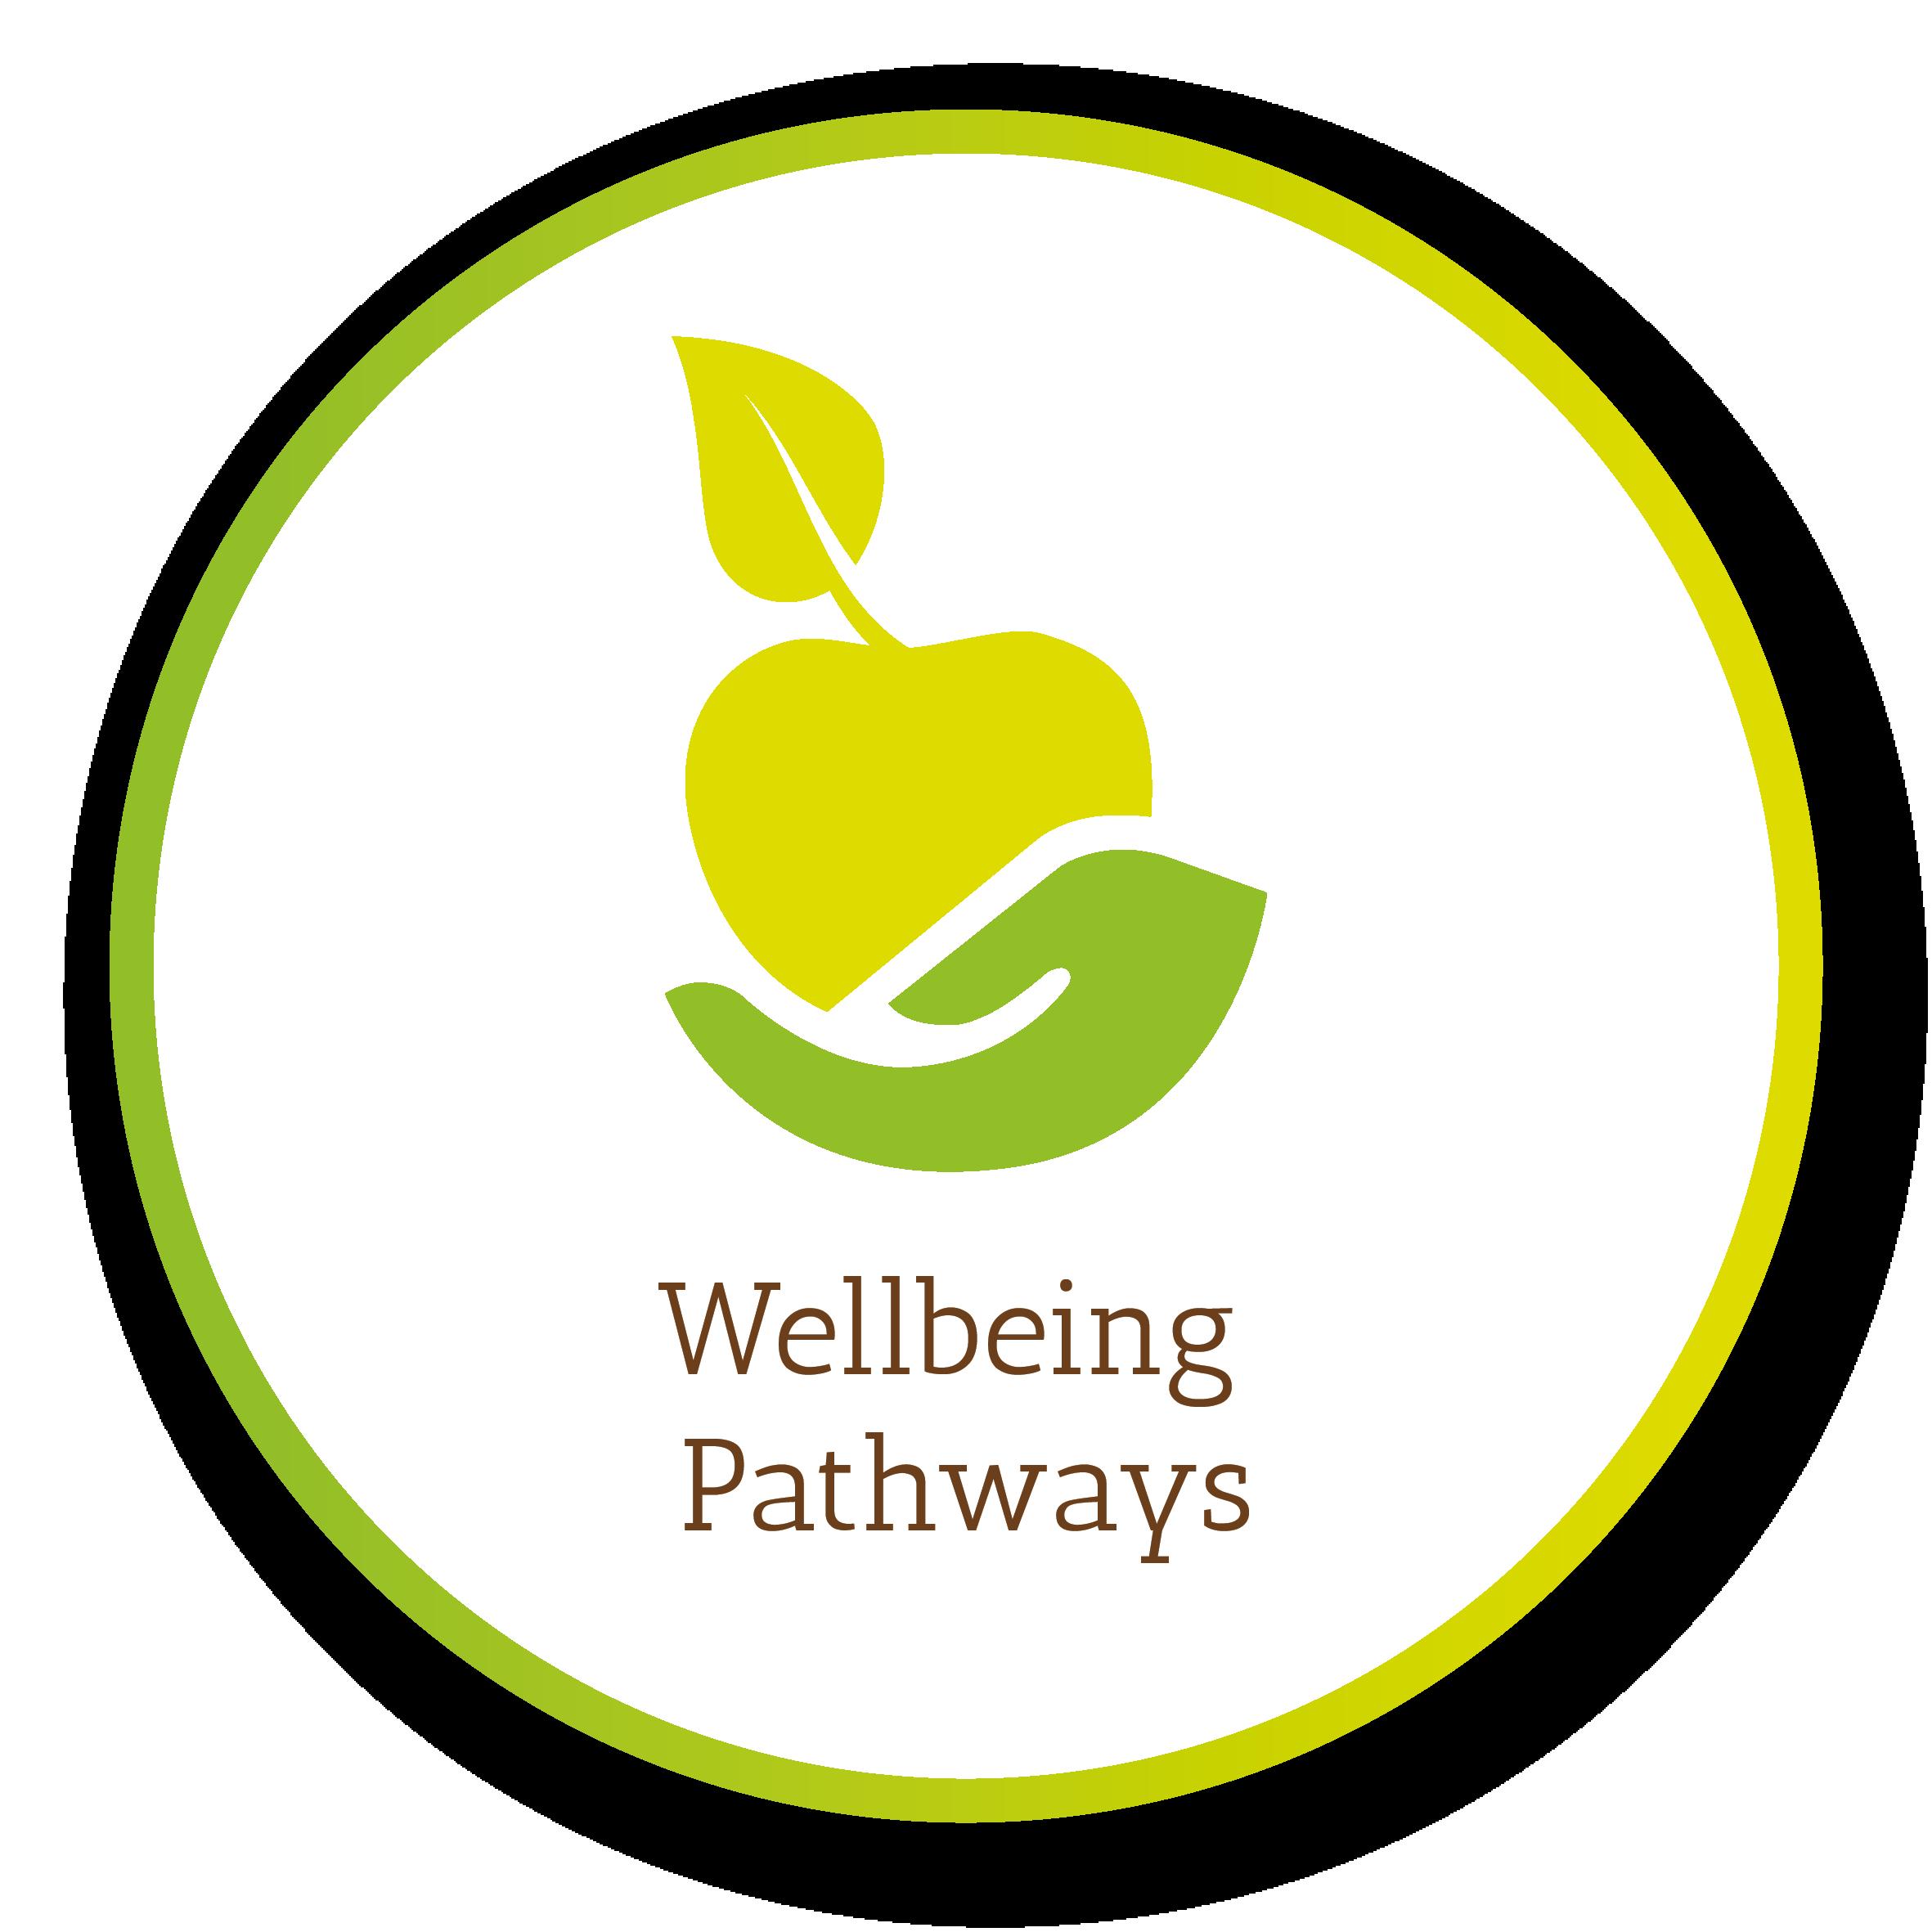 Wellbeing Pathways